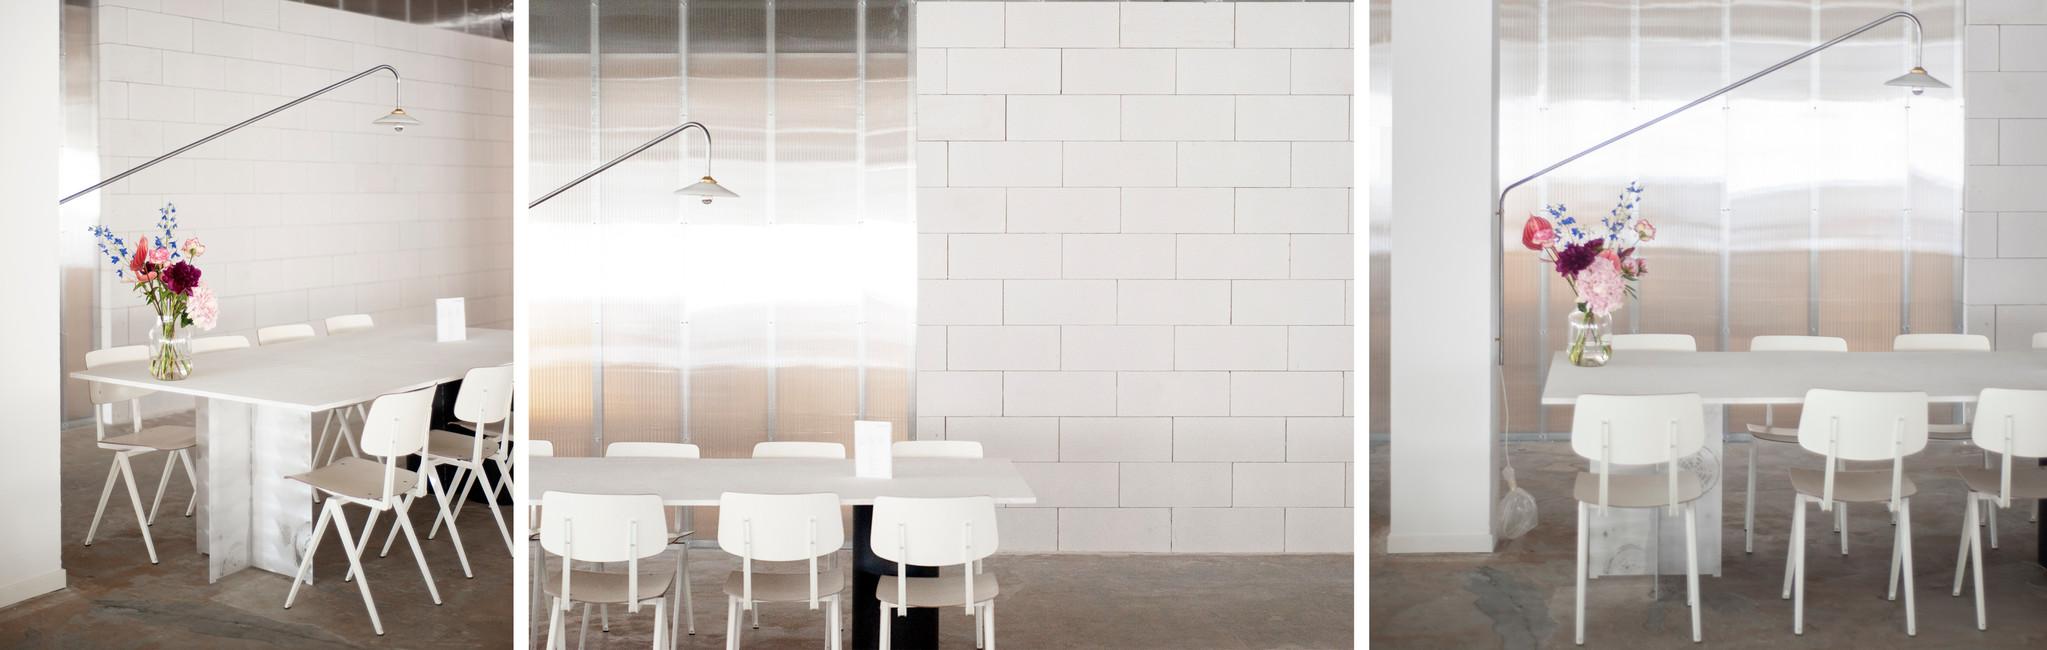 Projectinrichting kantoor Galvanitas S16 stoelen wit